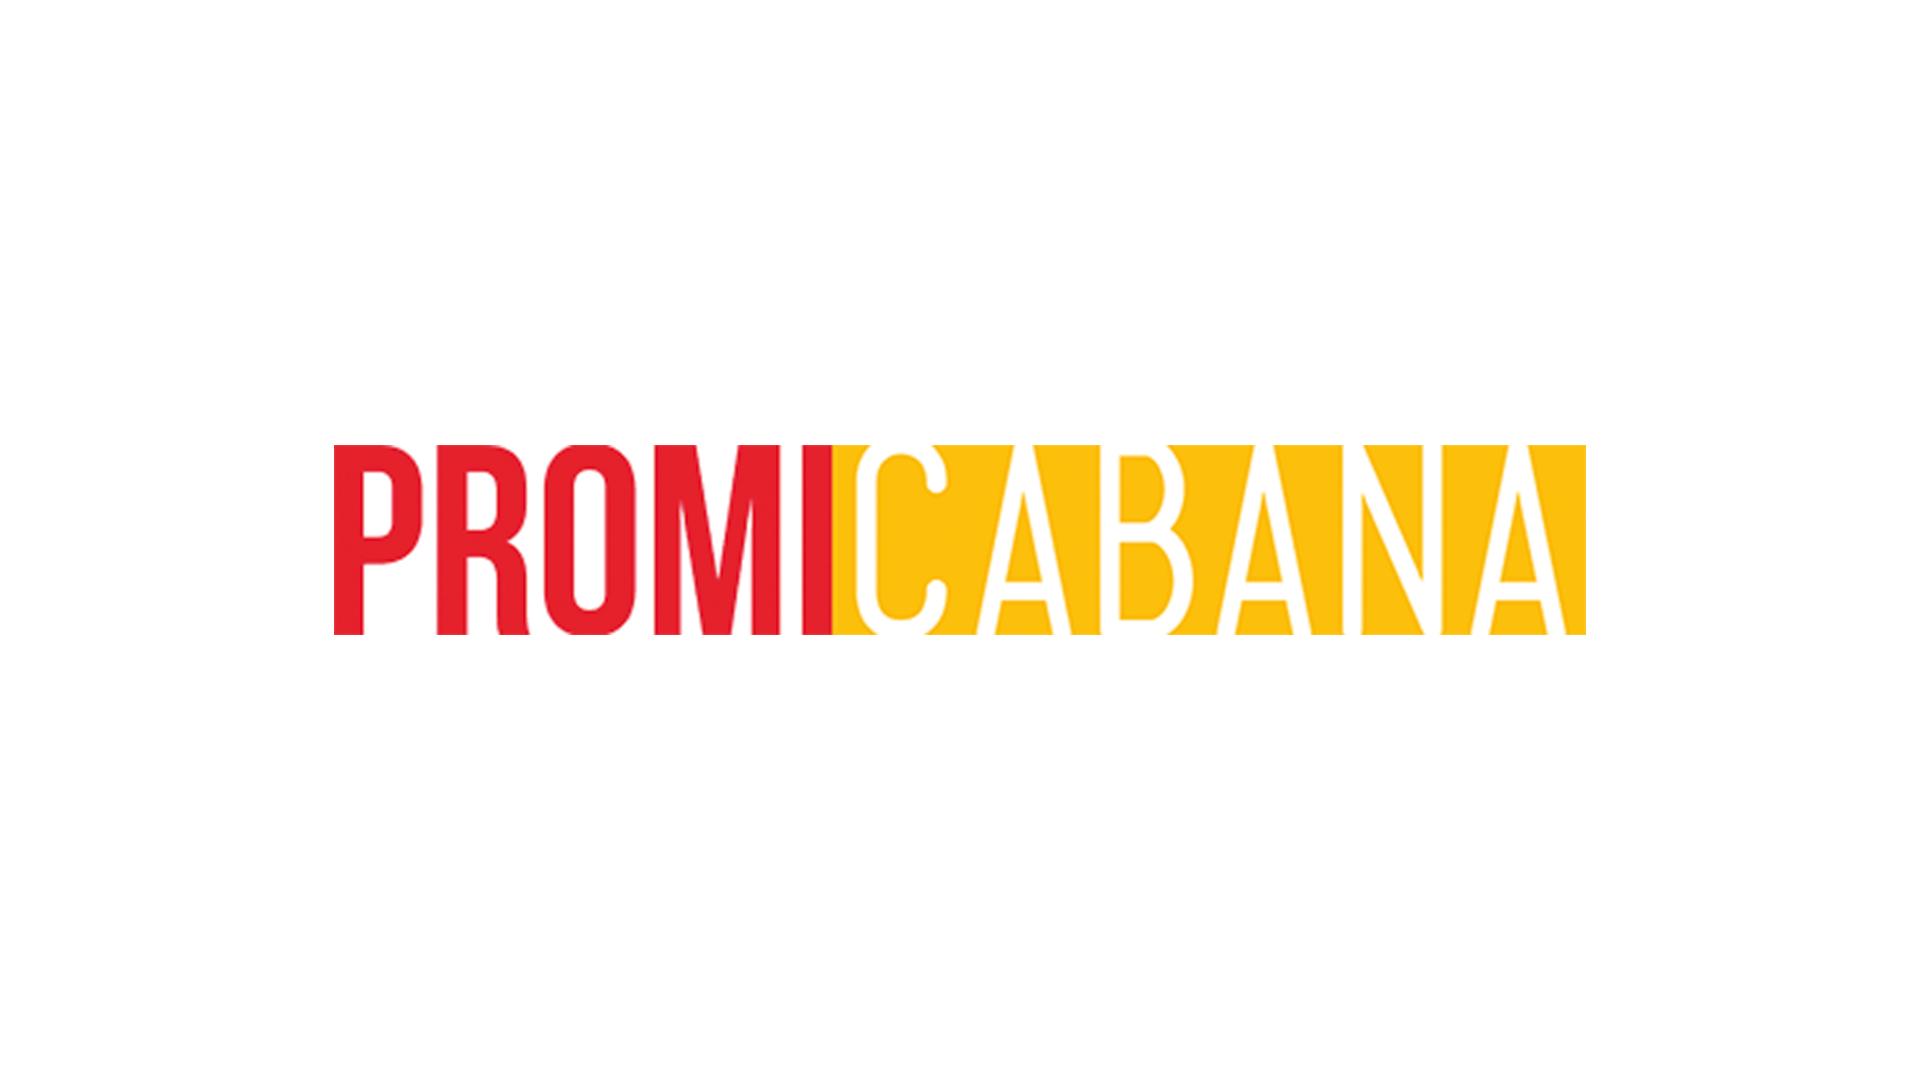 Ed-Sheeran-Red-Nose-Day-2017-Auftritt